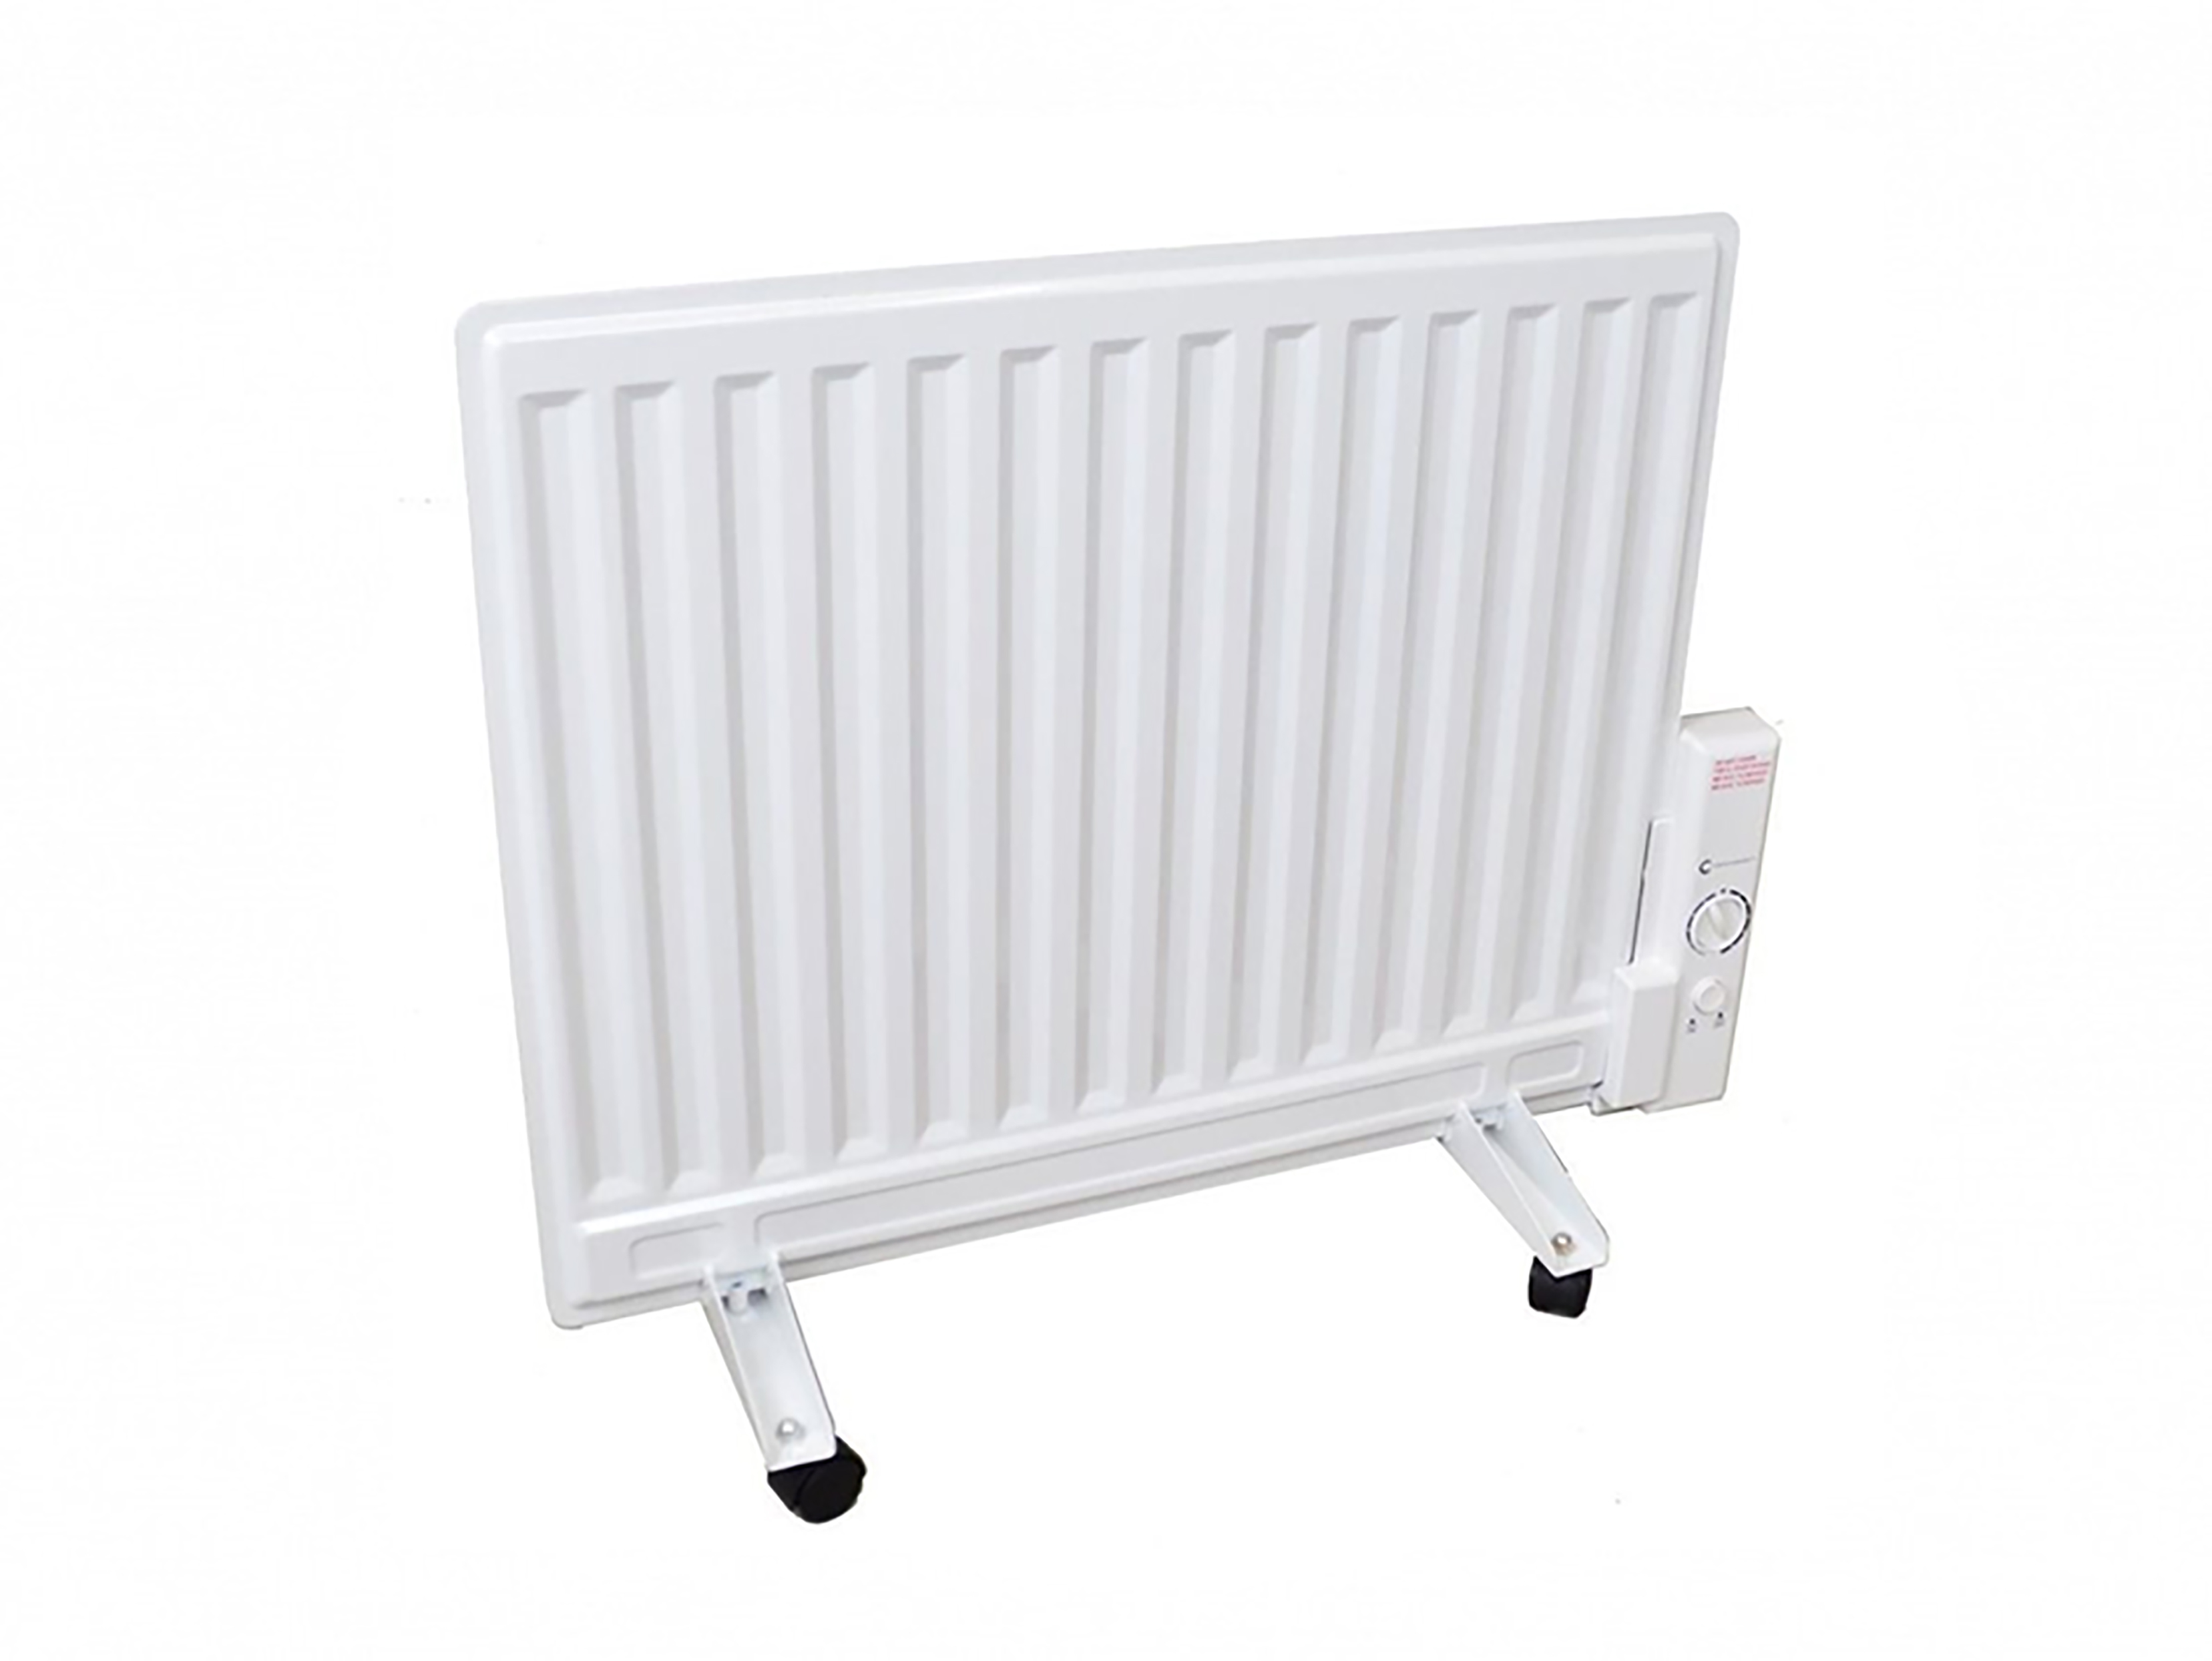 Θερμοπομπός - Καλοριφέρ Λαδιού 600W σε Λευκό χρώμα, 22371 - Cb